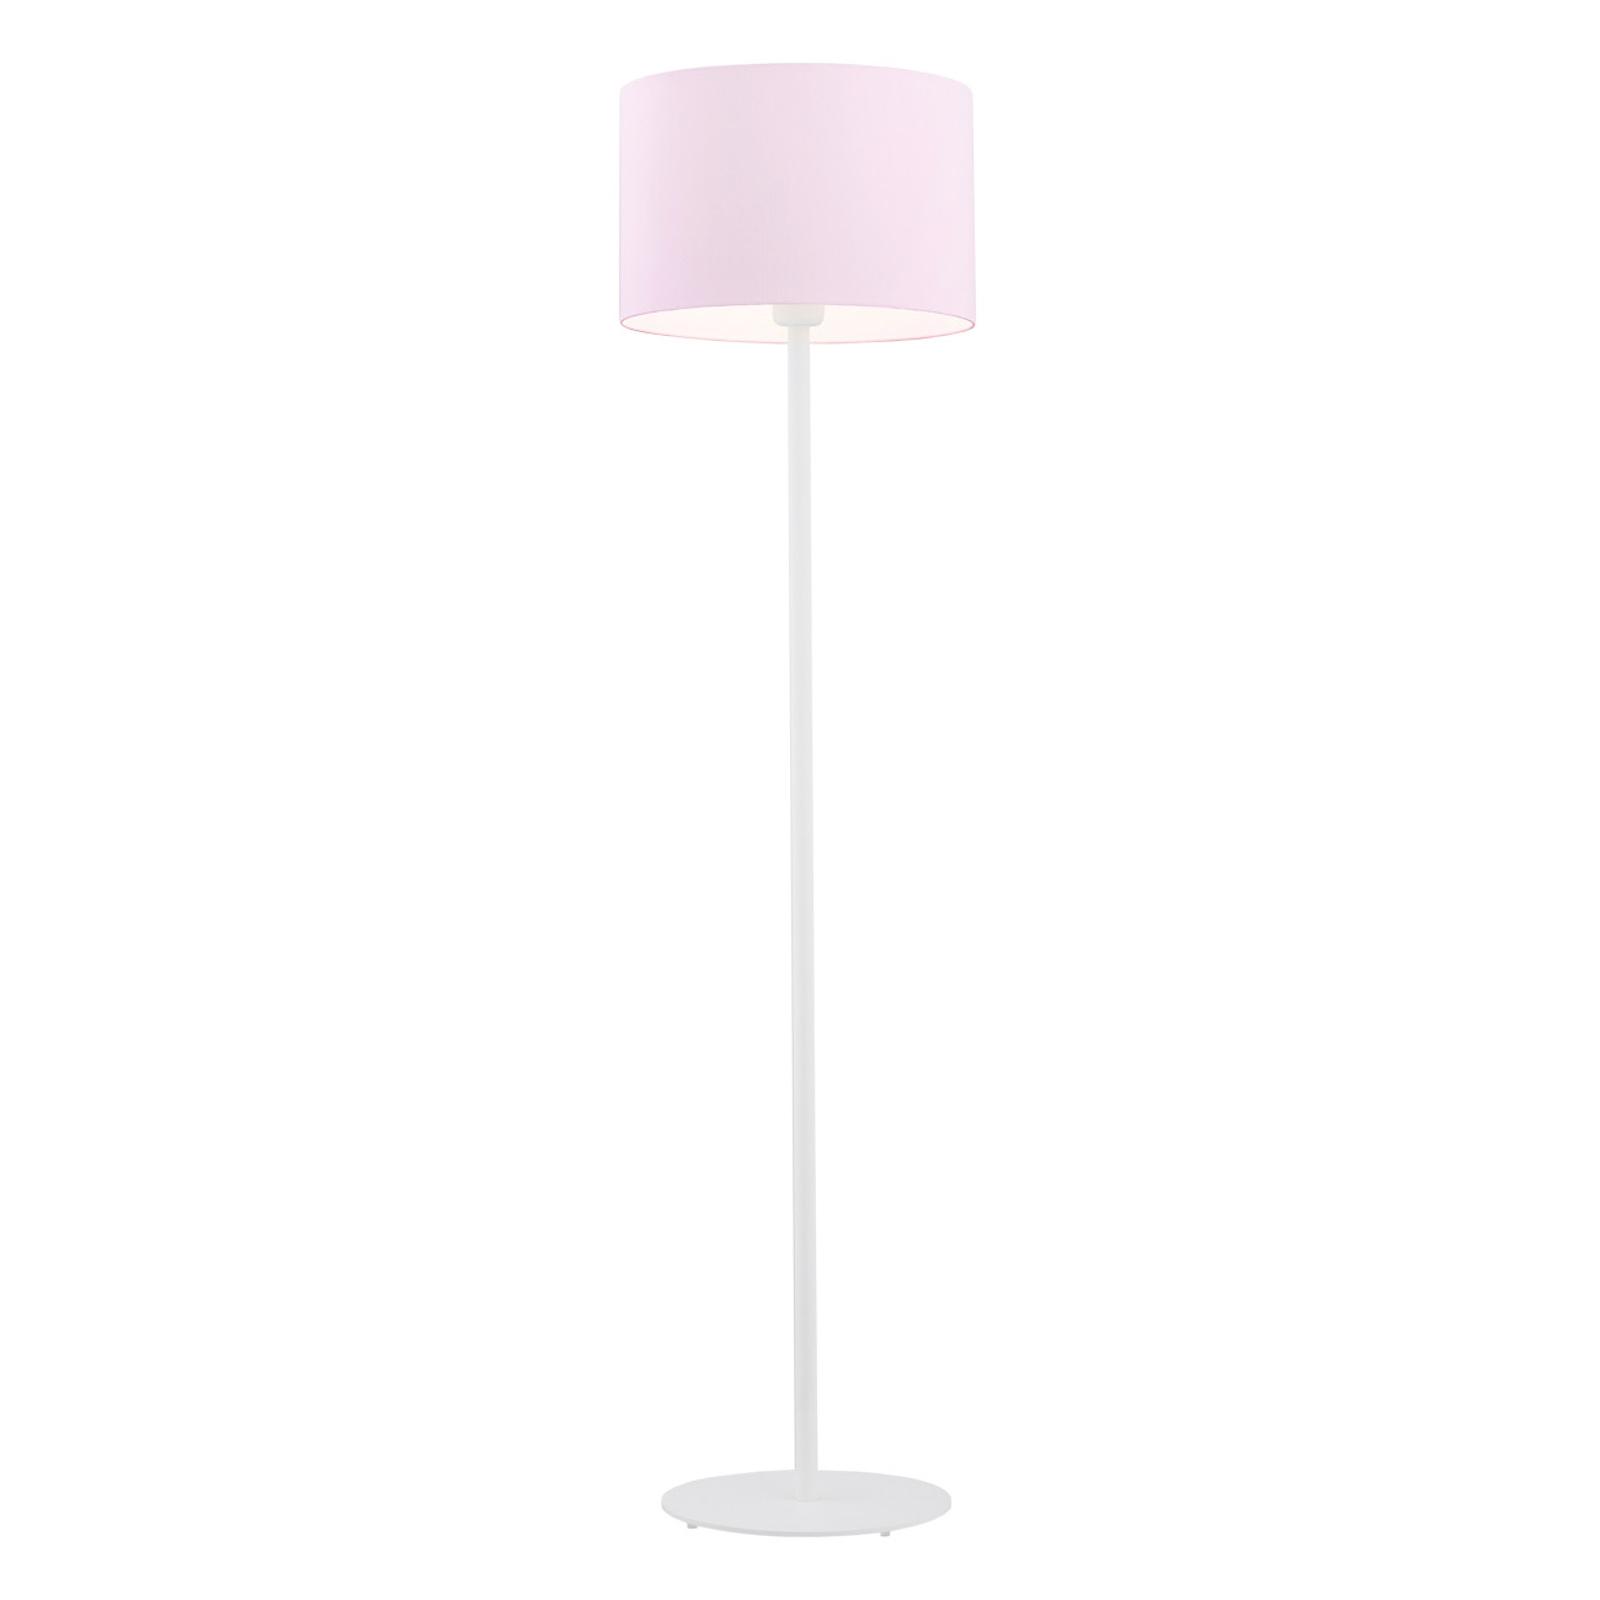 Moa gulvlampe, pink stofskærm